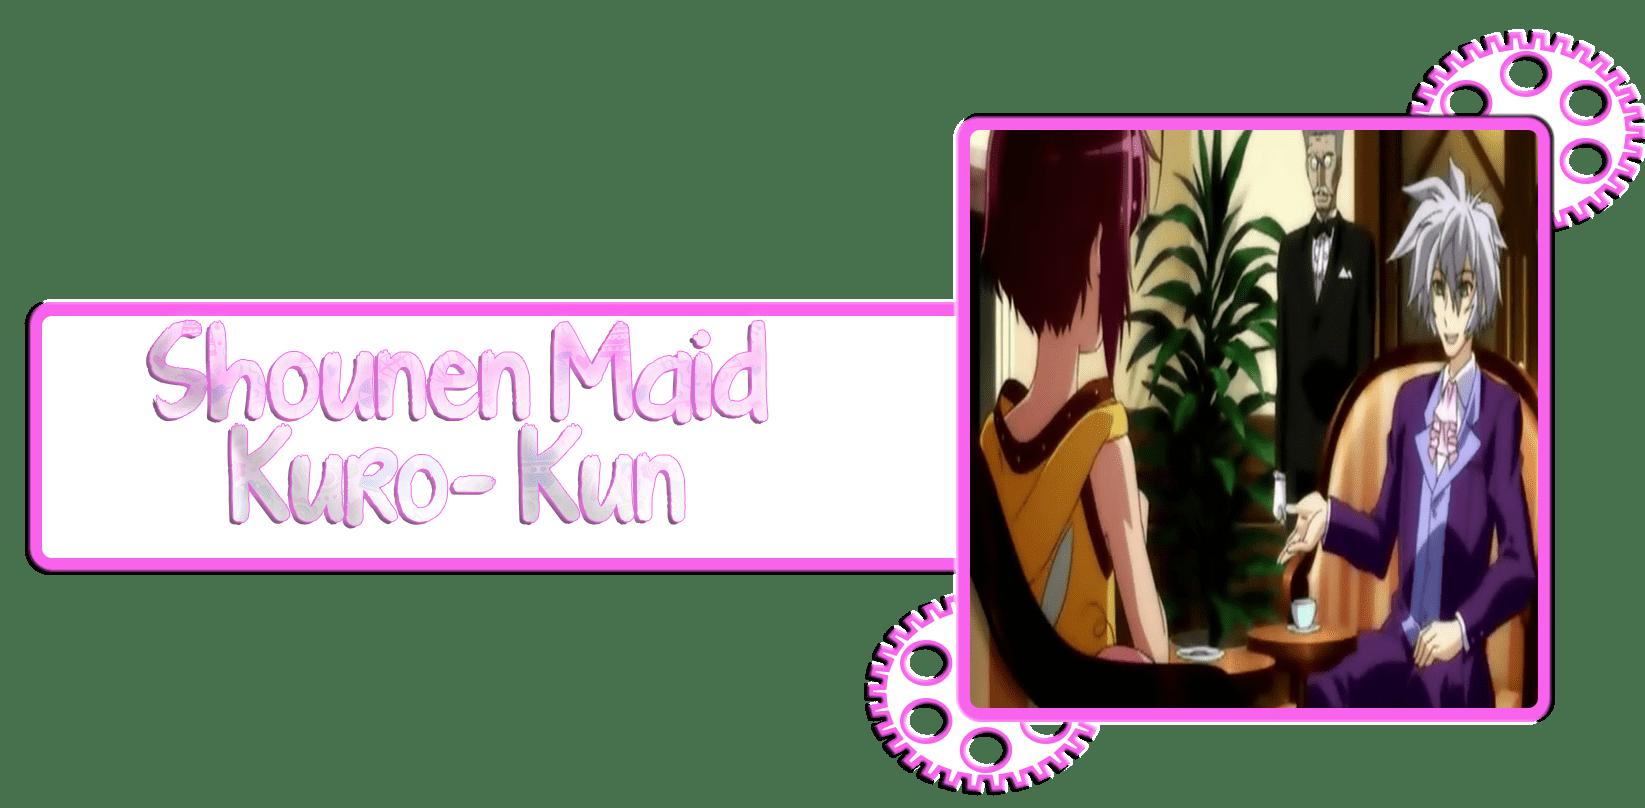 Shounen Maid Kuro-Kun